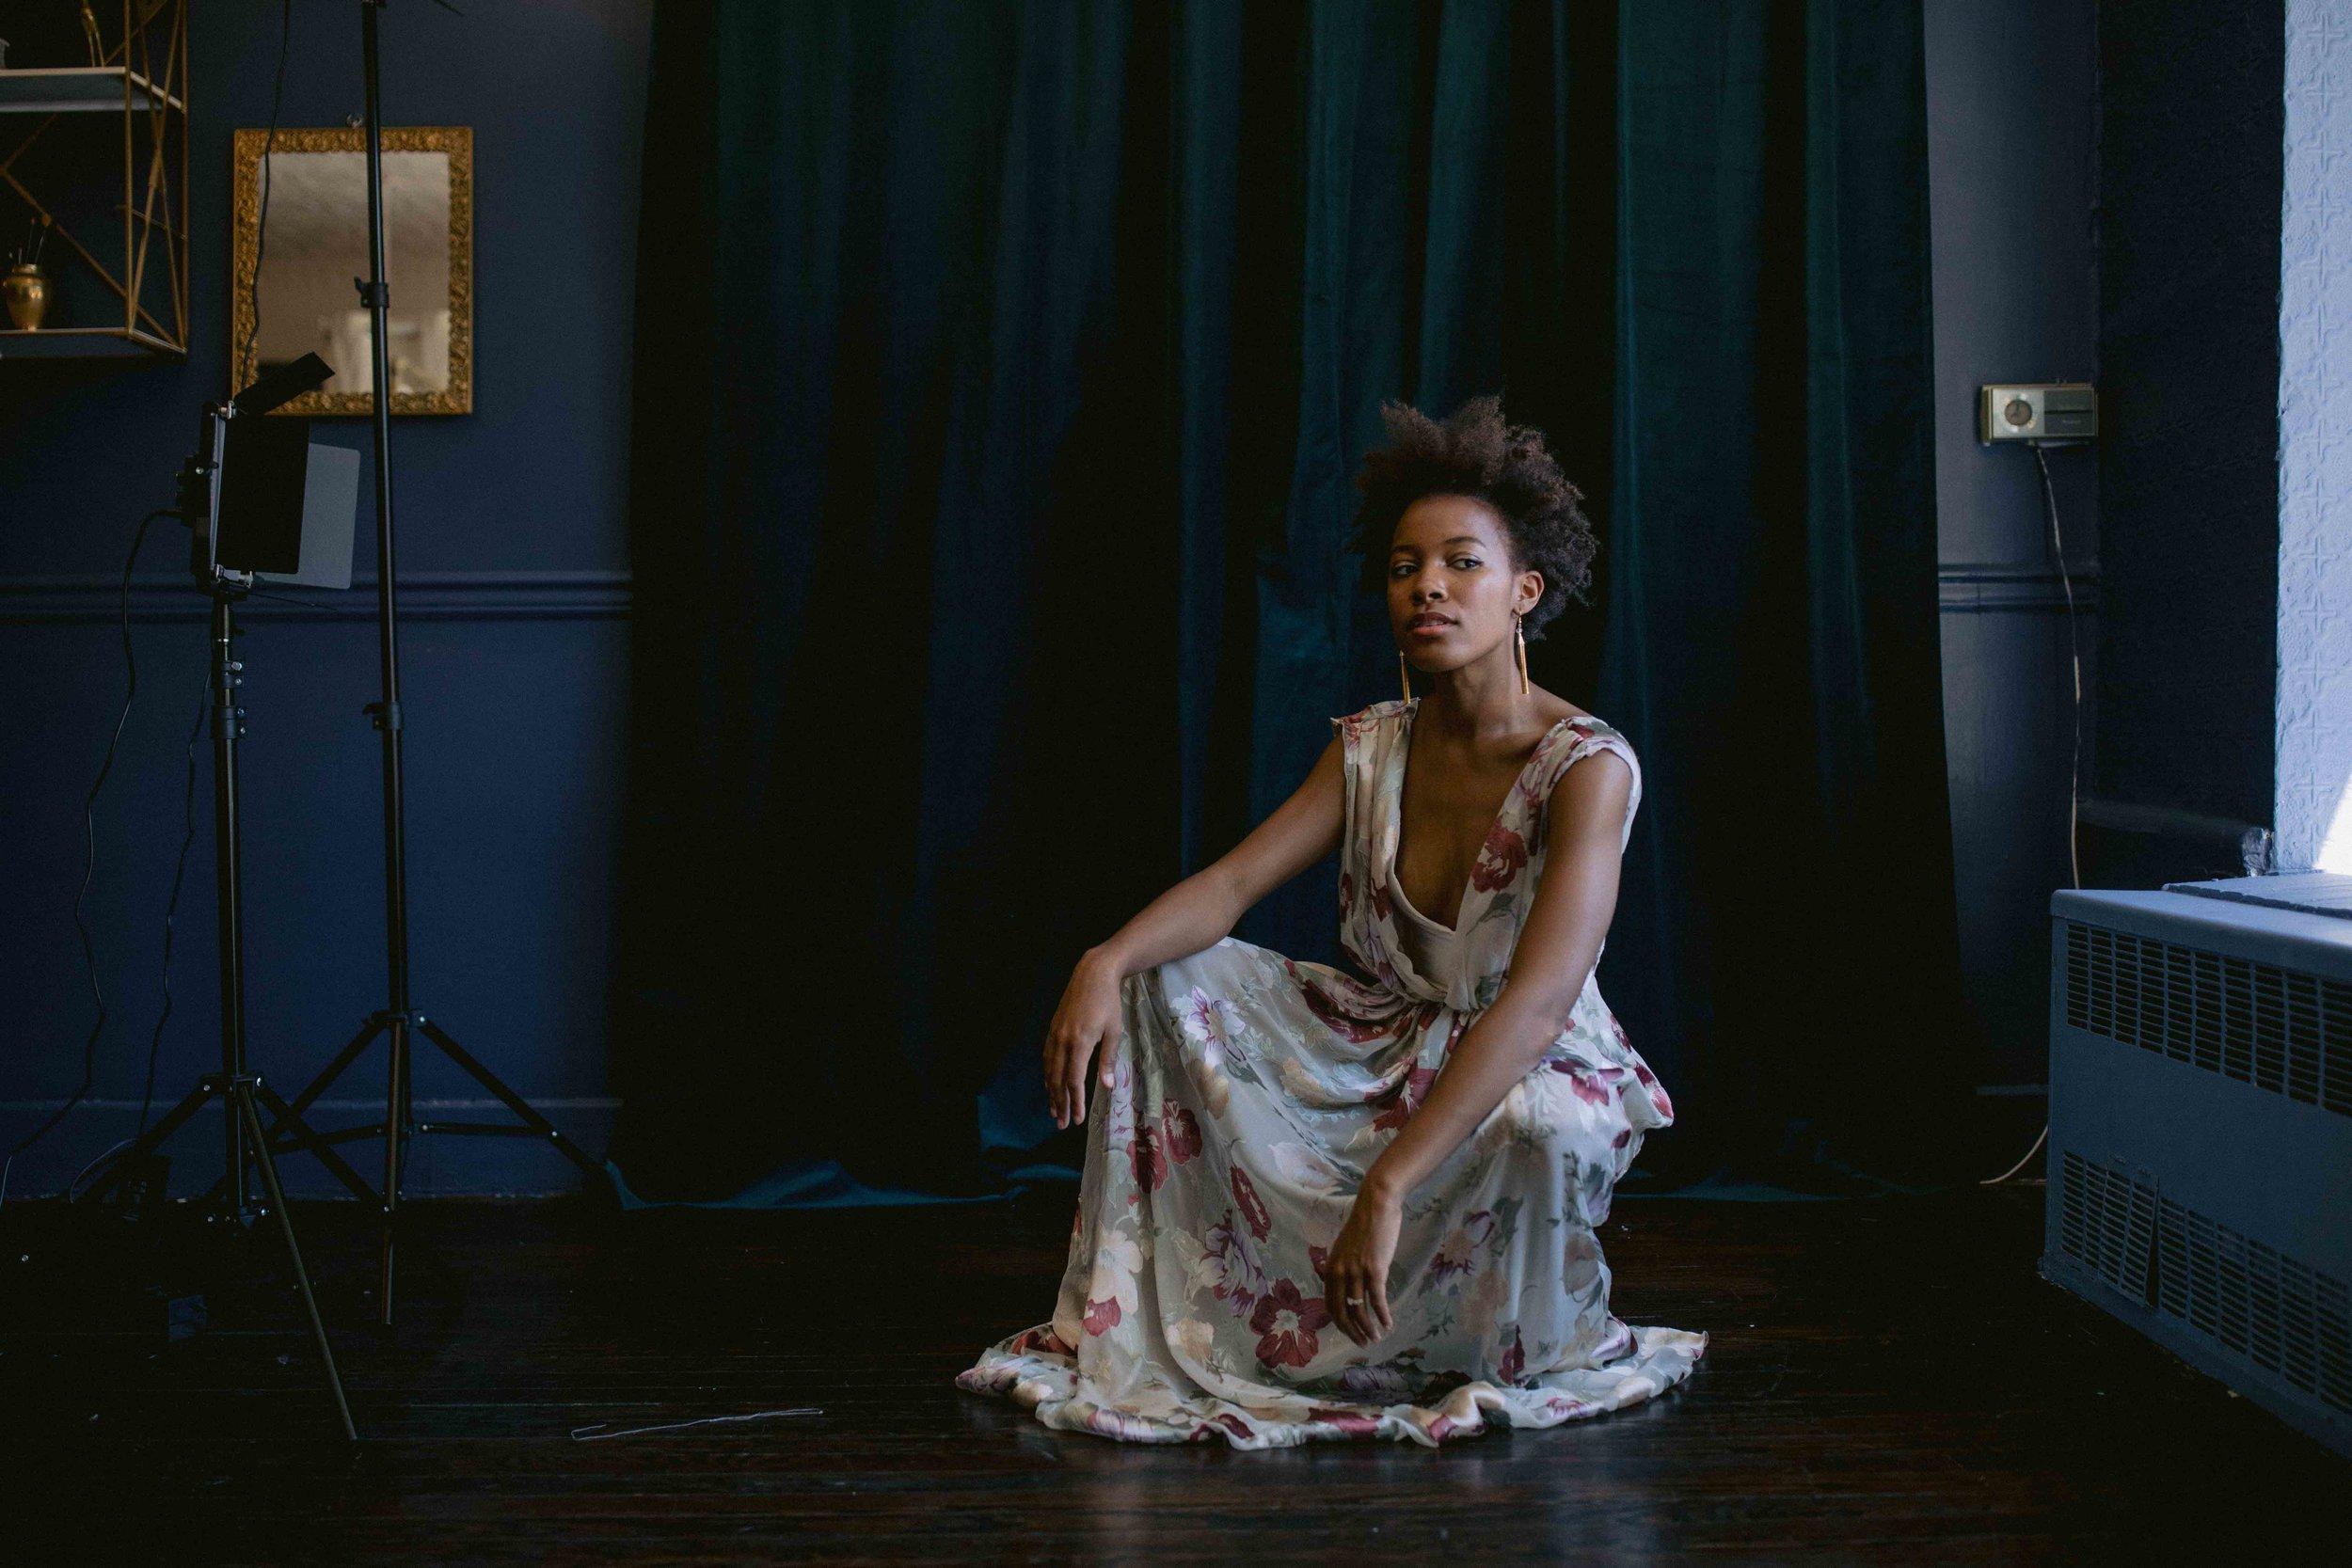 04162019-Diana Dean-Eryc Perez de Tagle Photography-9.jpg